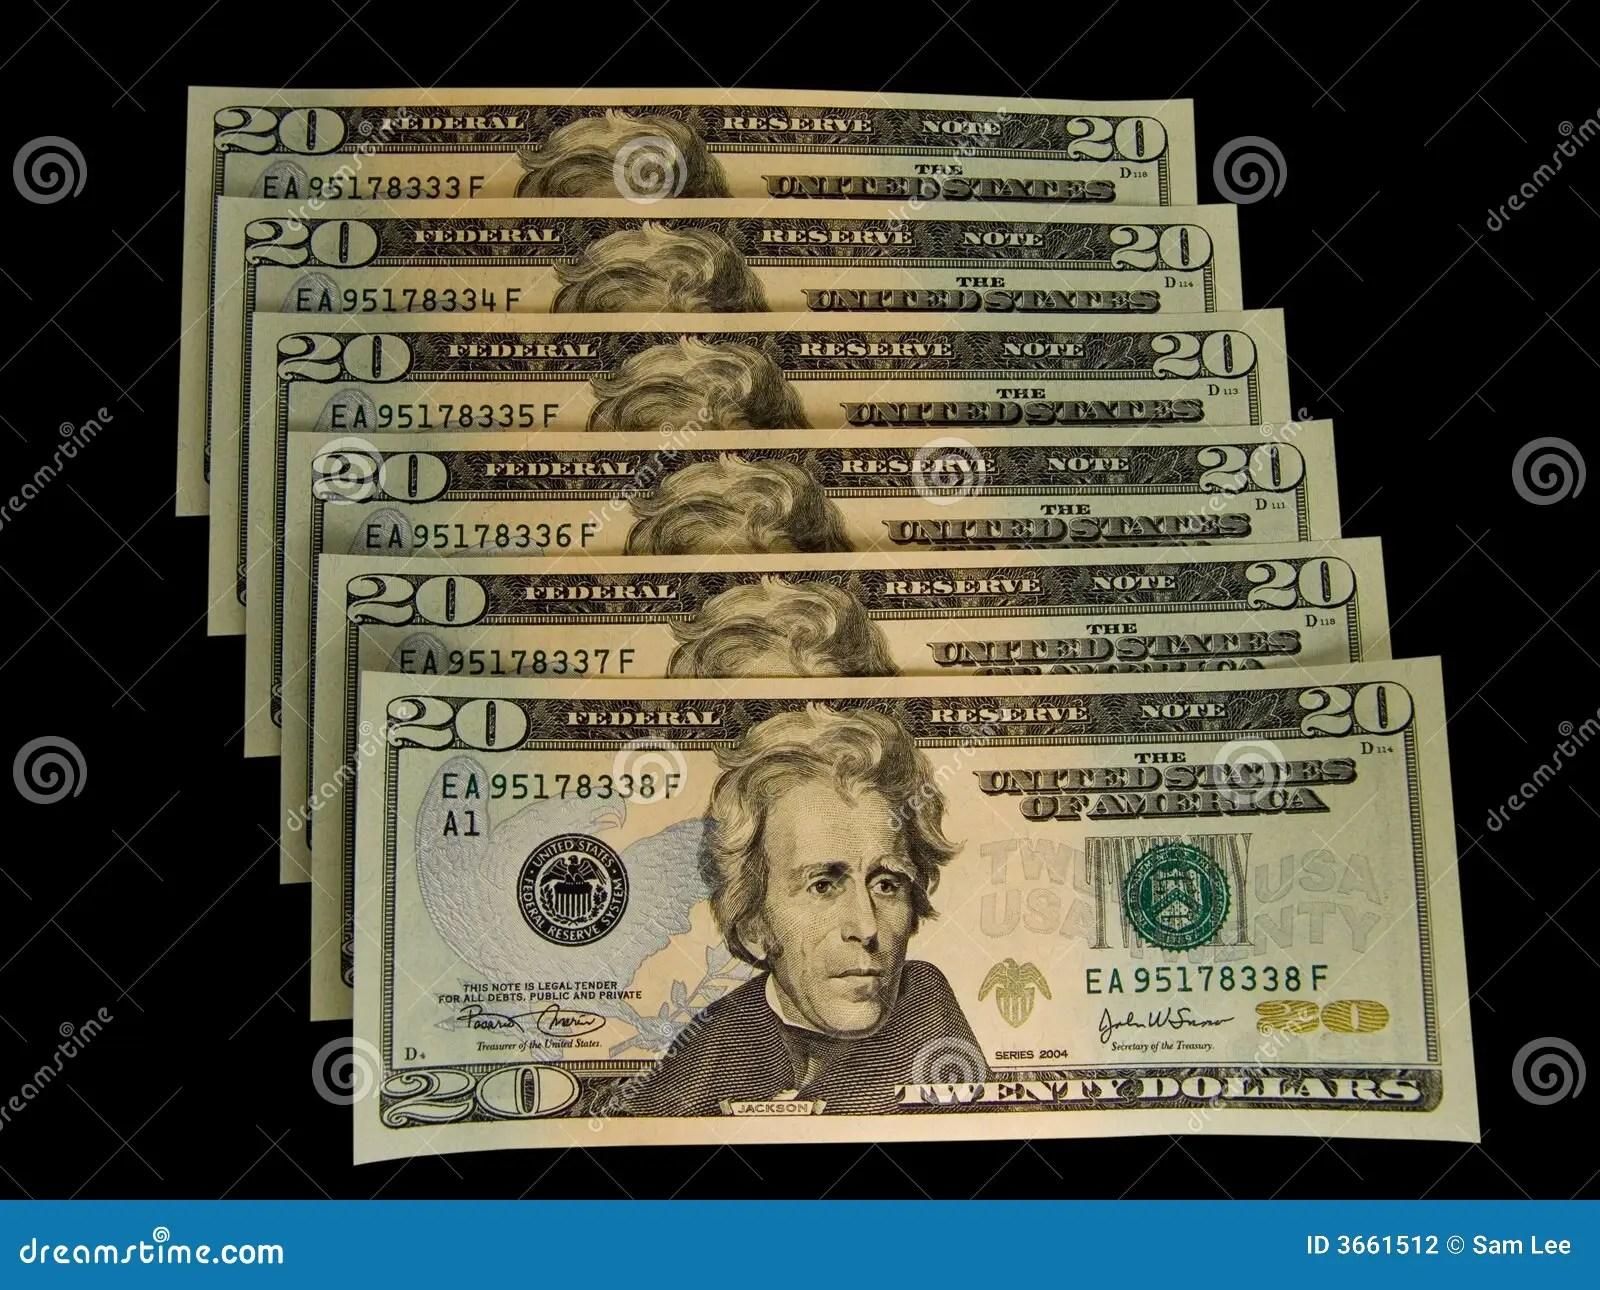 Us 20 Dollars Bills Stock Photo Image Of Dollar